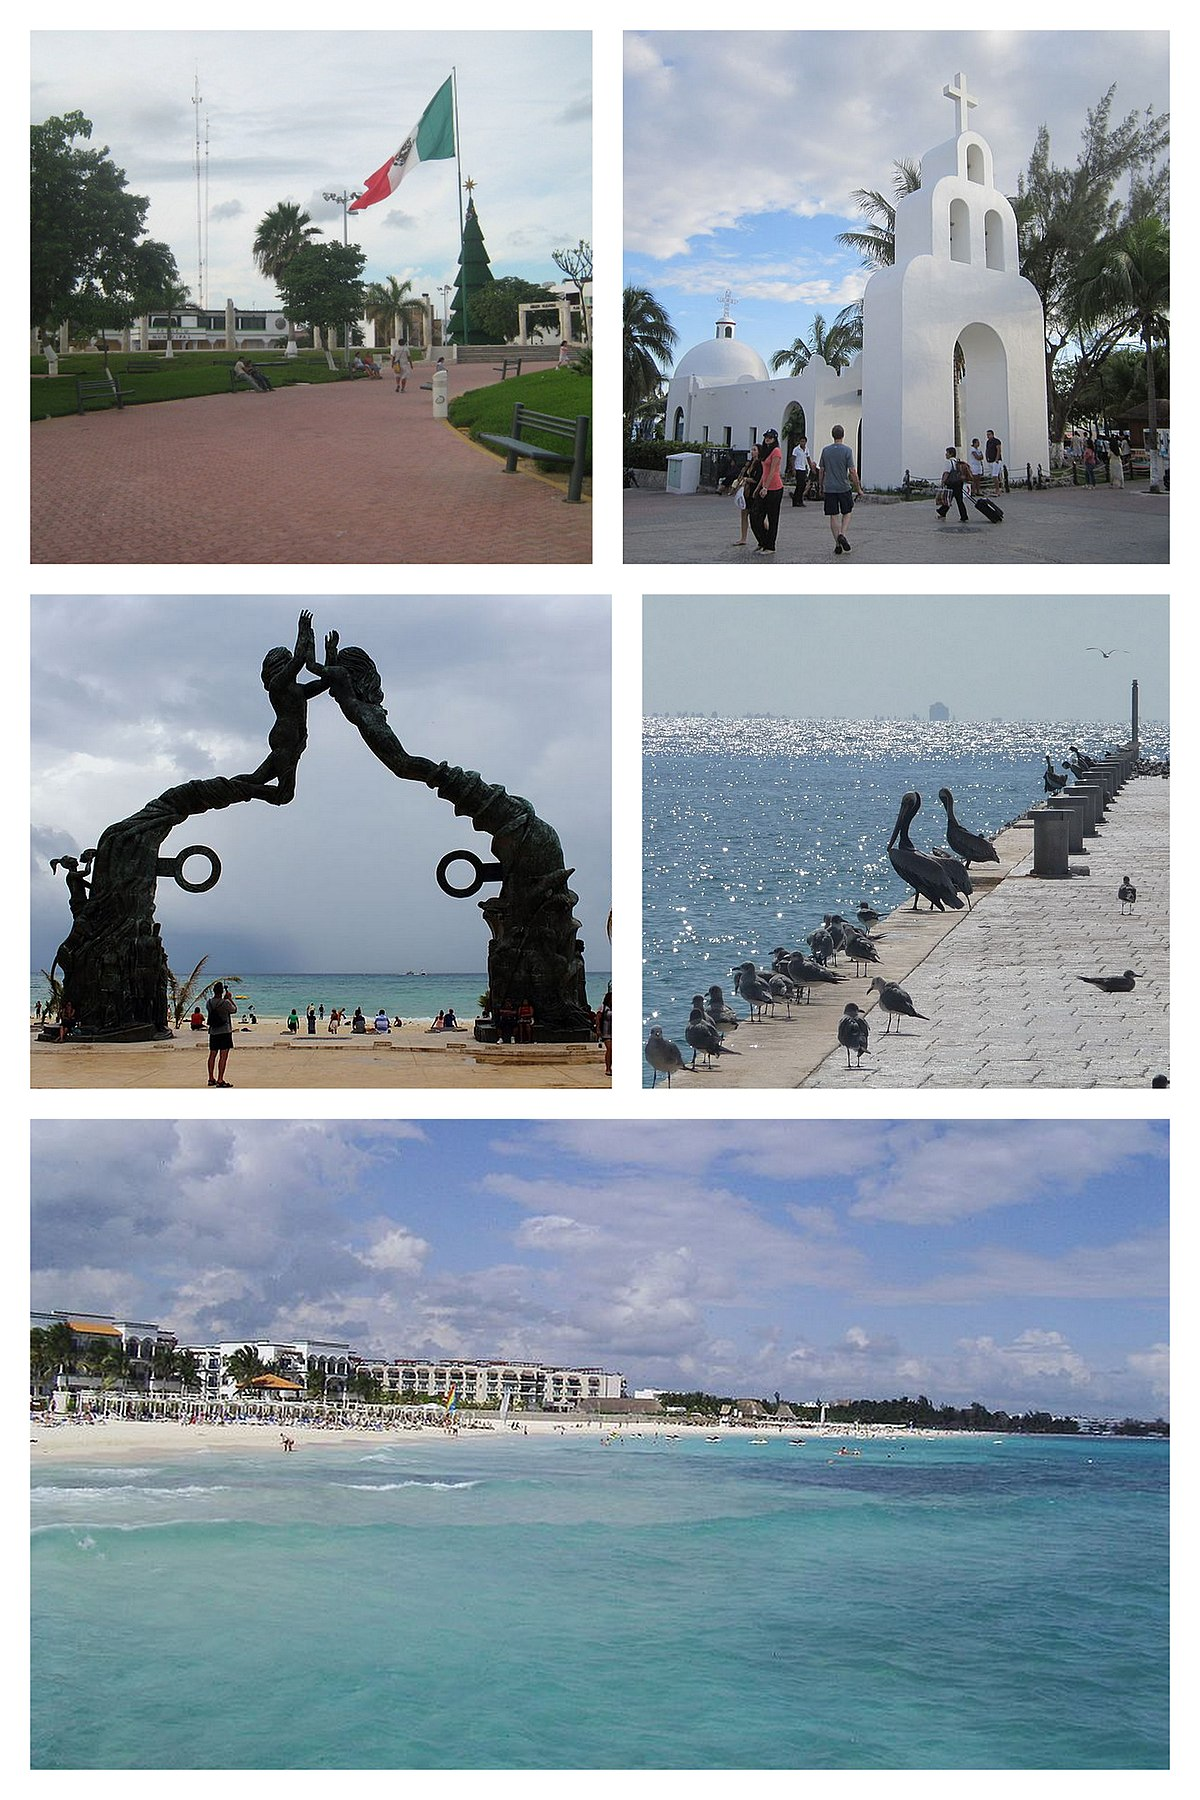 Playa del carmen wikipedia la enciclopedia libre for En zacatecas hay playa